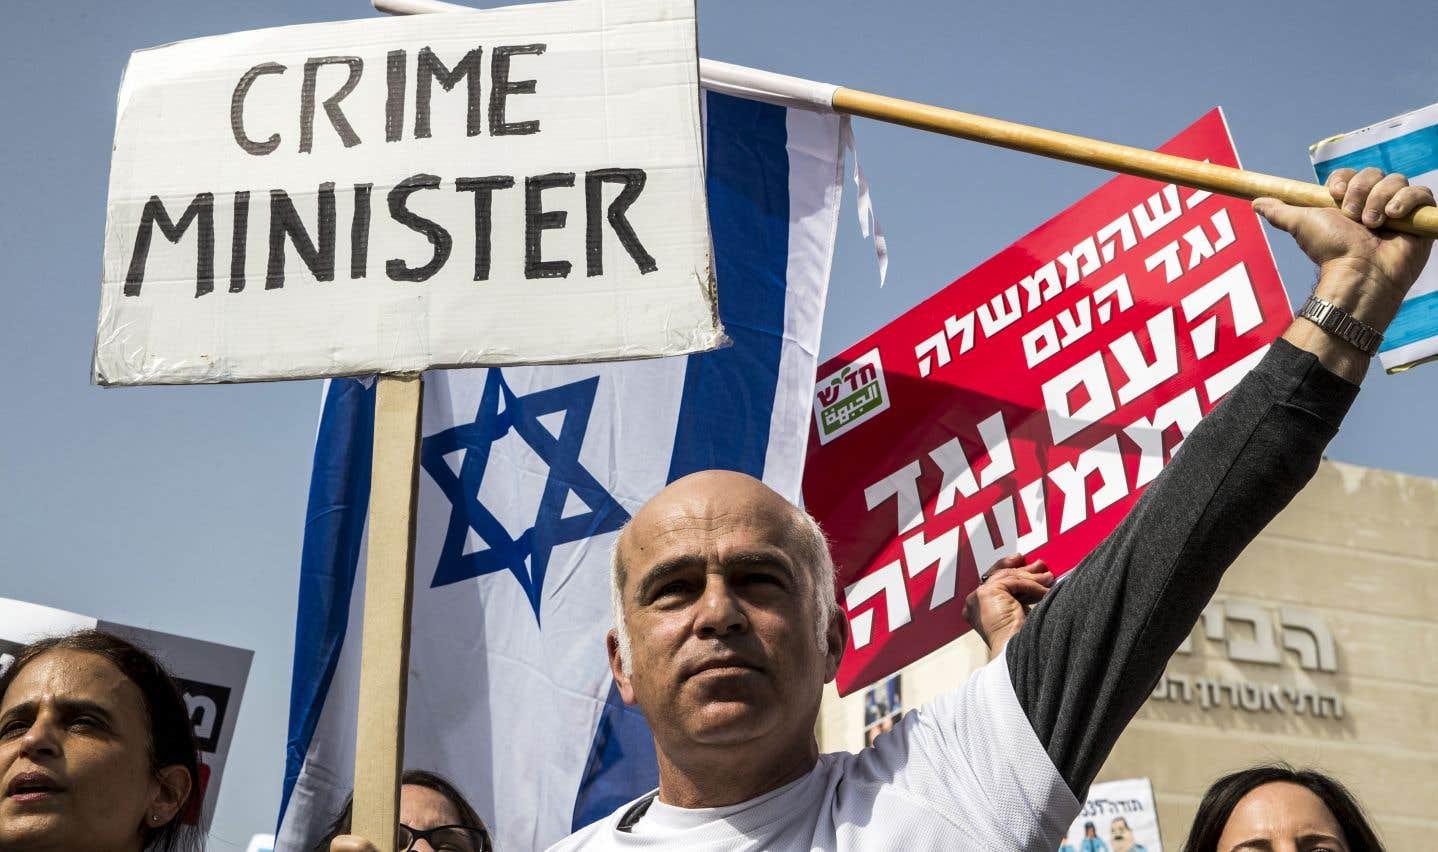 La fin de semaine dernière, des manifestations ont eu lieu à Tel-Aviv pour demander la démission du premier ministre Benjamin Nétanyahou, dont le nom est lié à deux scandales de corruption.